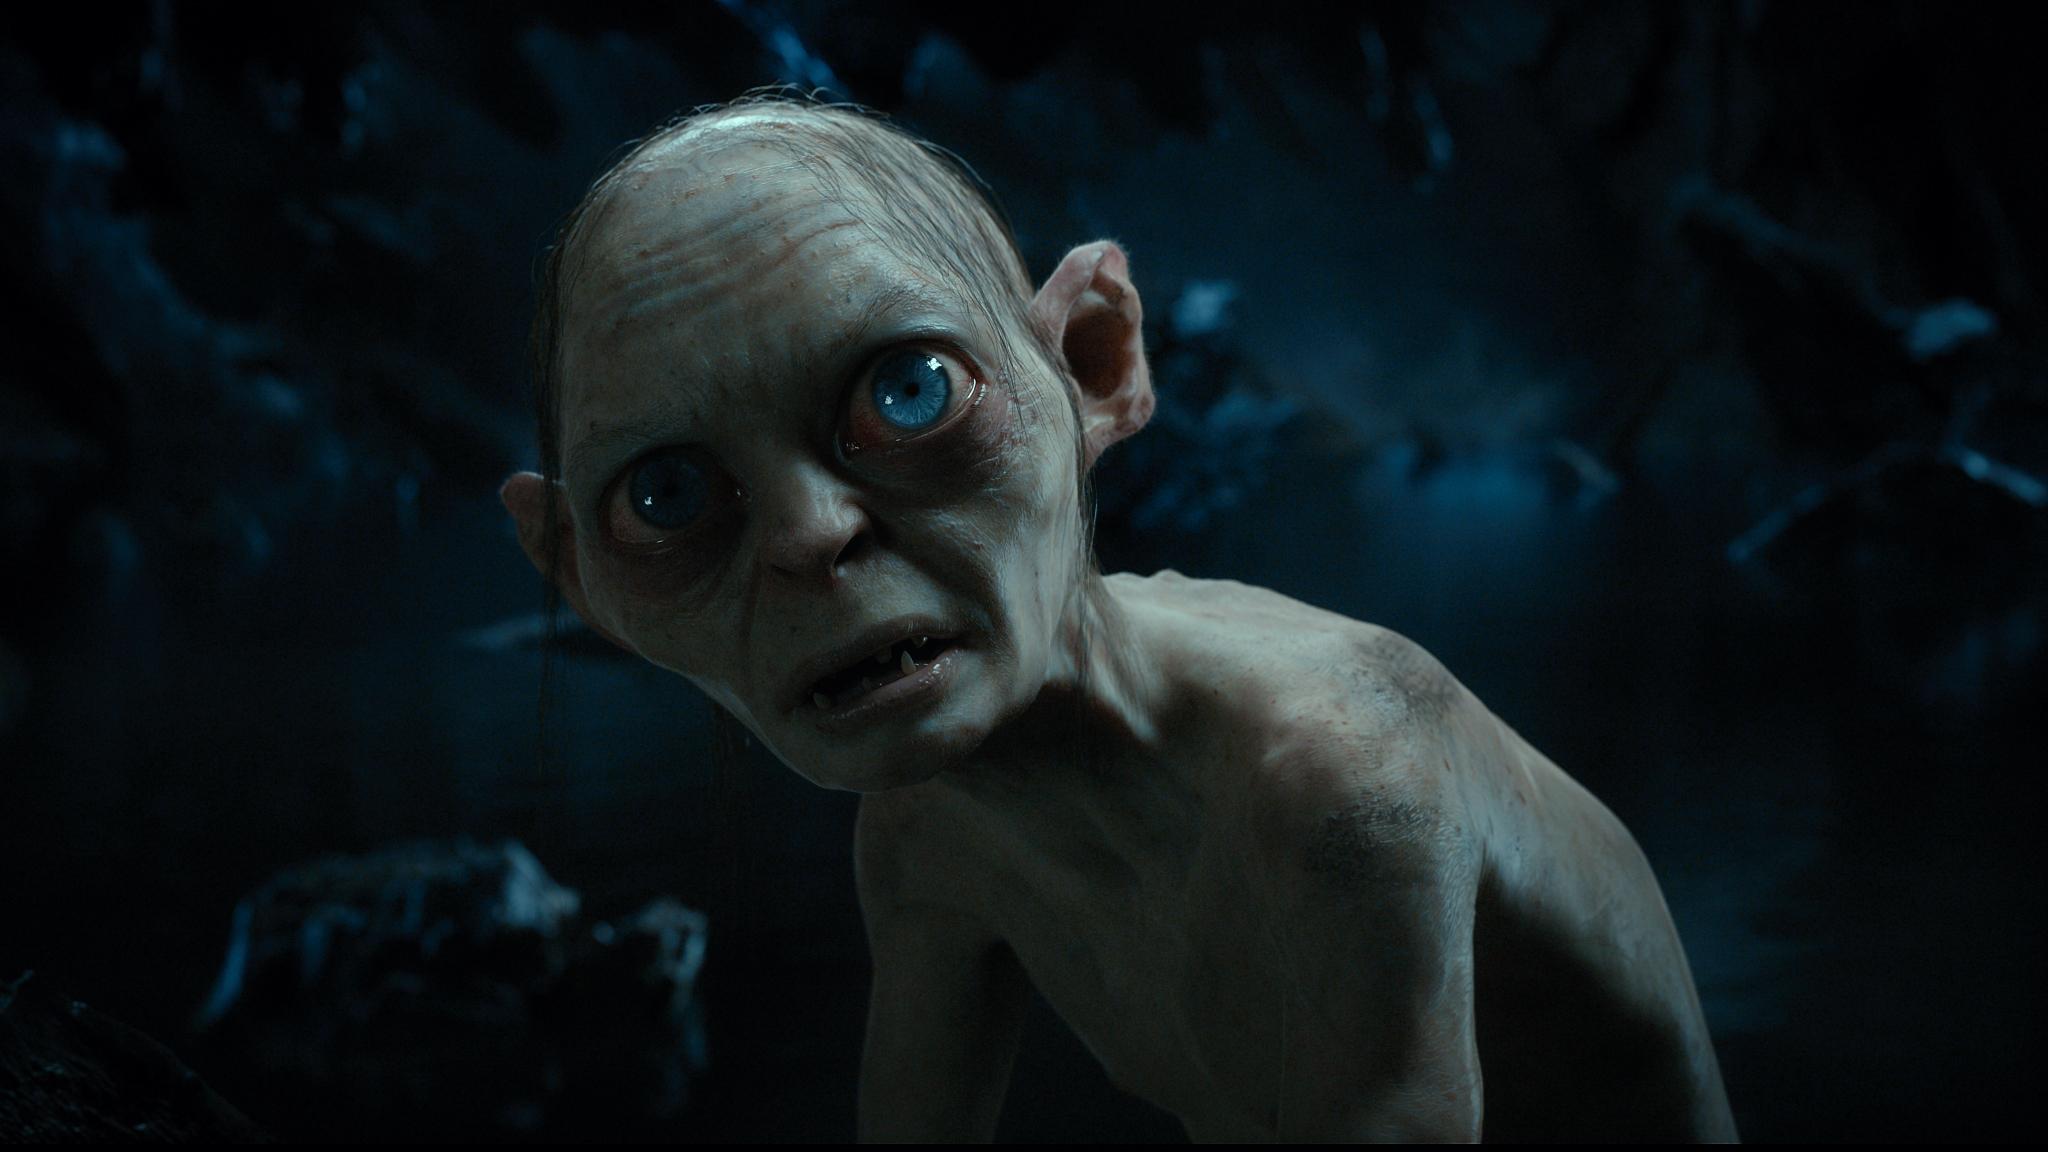 Hobbit Gollum